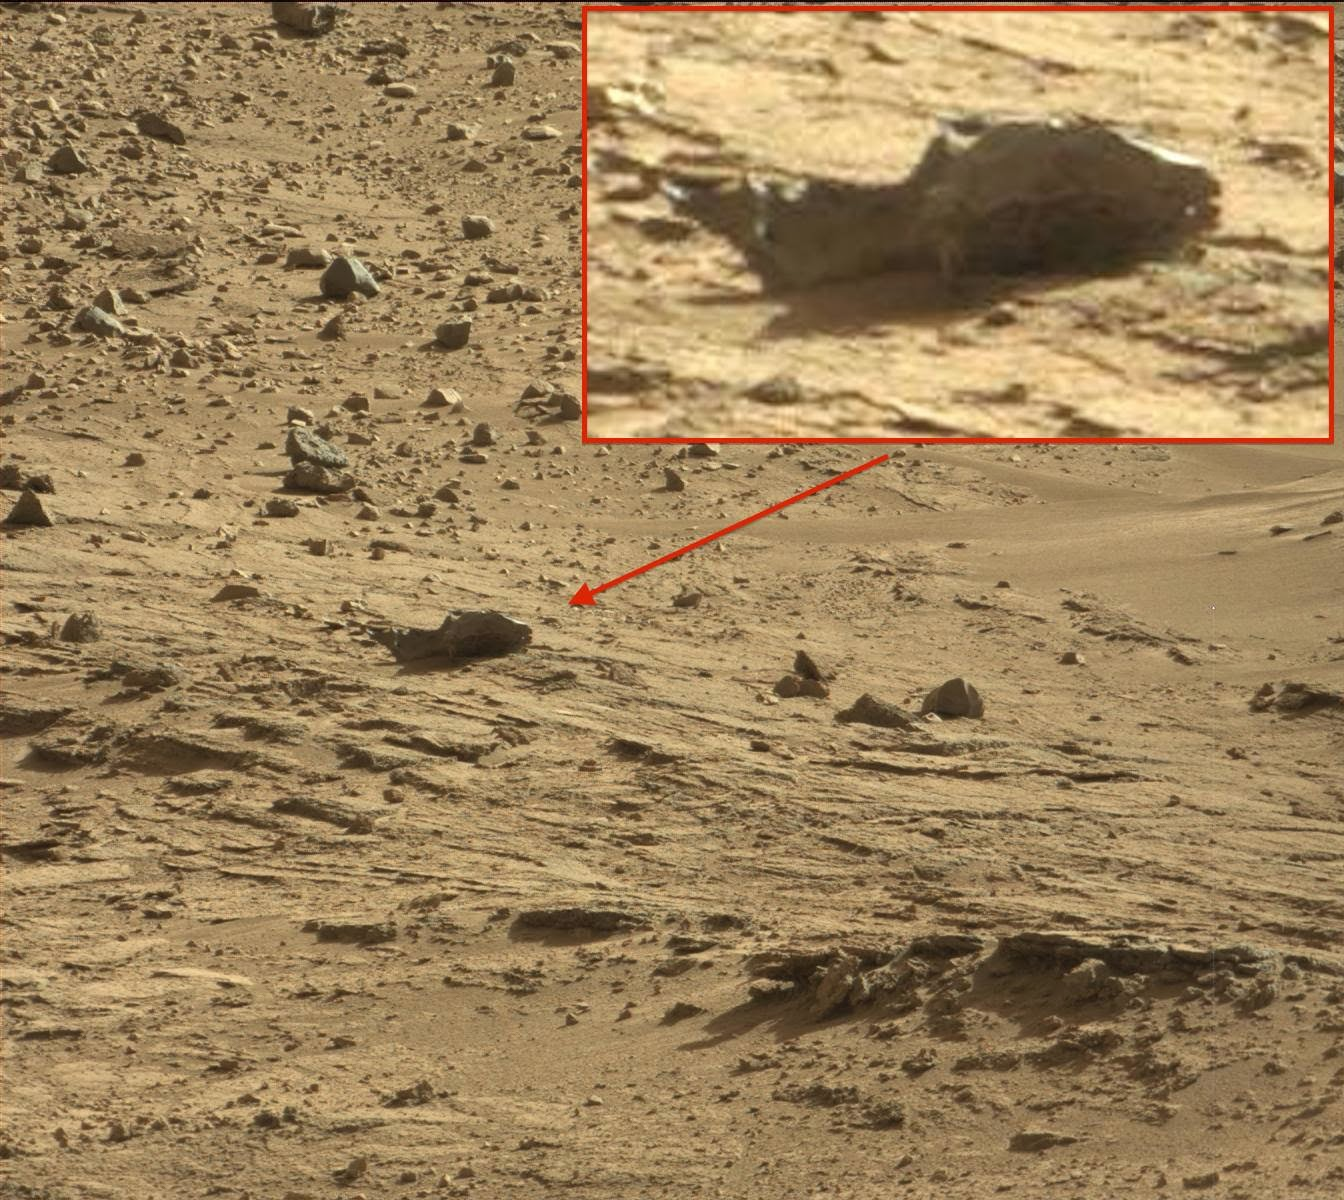 mars rover creature-#9